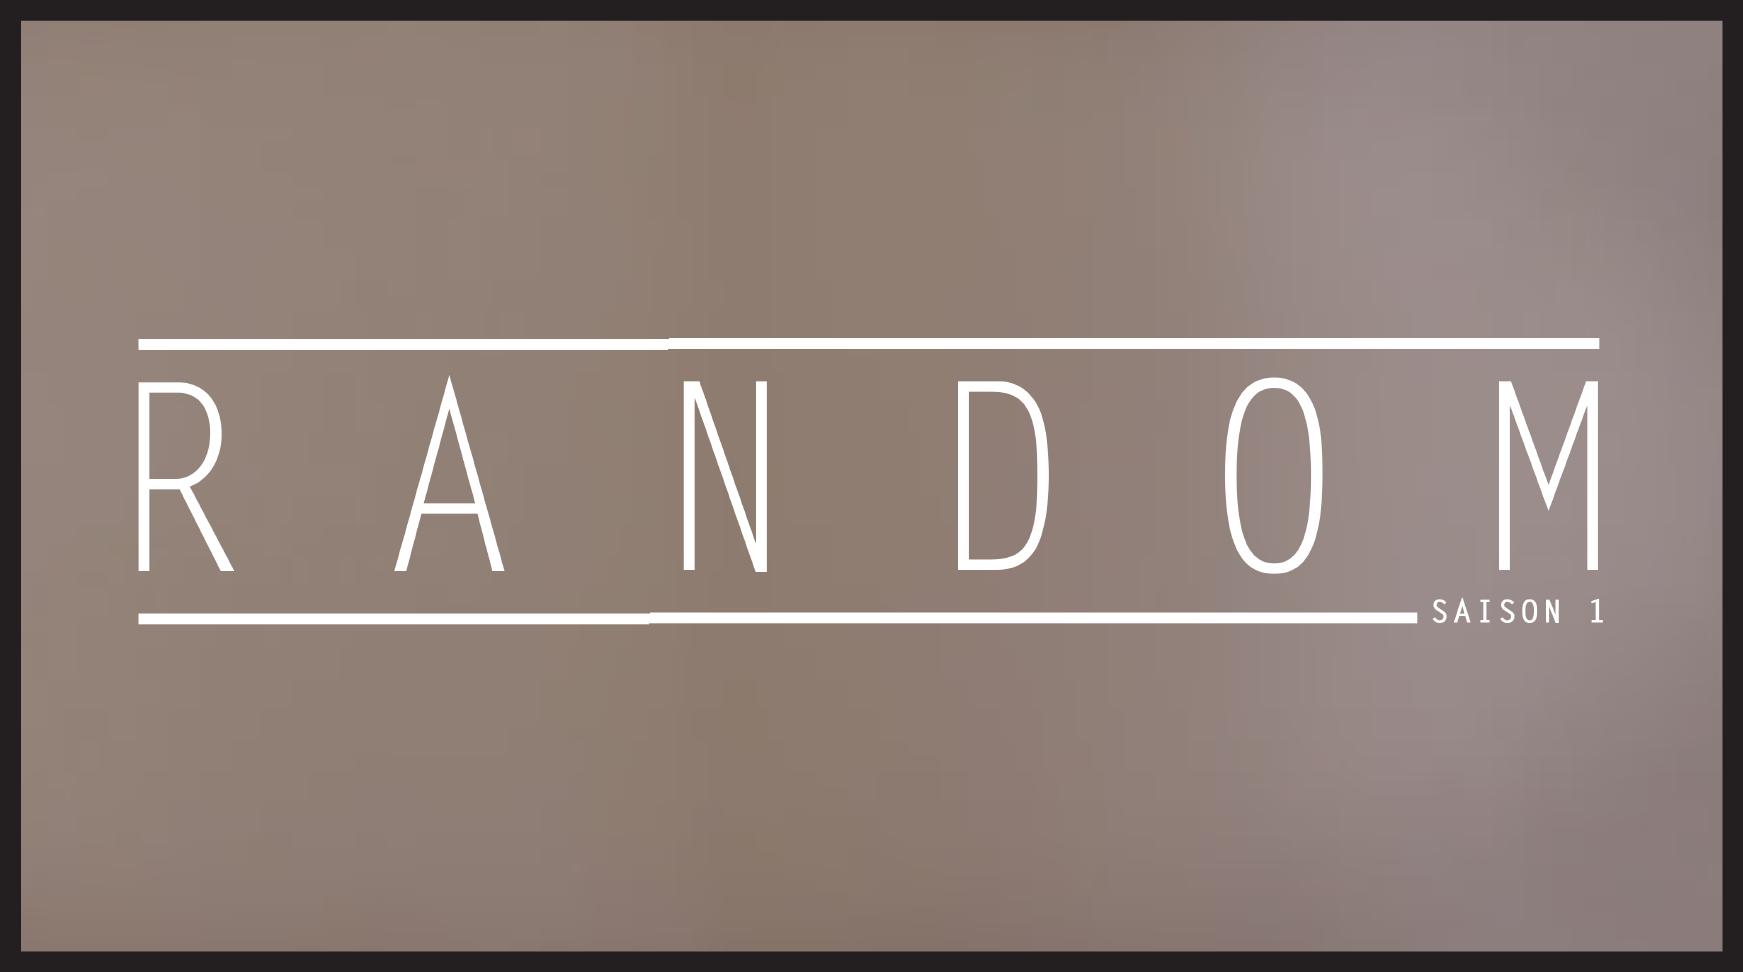 épisode 12, saison 01 - random